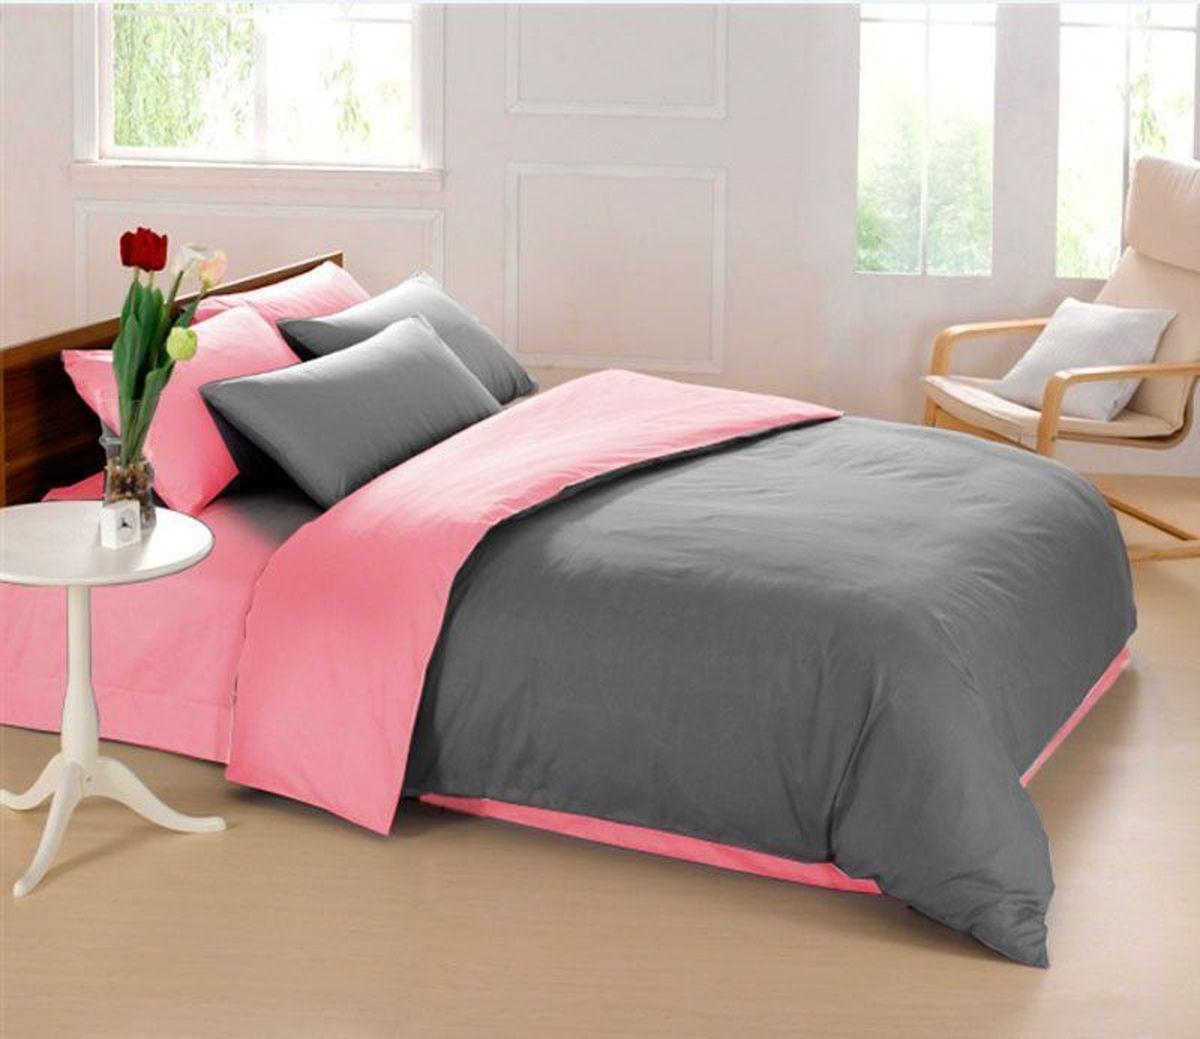 Комплект белья Sleep iX Perfection, семейный, наволочки 50х70, 70х70,цвет: серый, розовыйpva215419Комплект постельного белья Sleep iX Perfection состоит из двух пододеяльников, простыни и четырех наволочек. Предметы комплекта выполнены из абсолютно гипоаллергенной микрофибры, неприхотливой в уходе.Благодаря такому комплекту постельного белья вы сможете создать атмосферу уюта и комфорта в вашей спальне.Известно, что цвет напрямую воздействует на психологическое и физическое состояние человека. Серый – нейтральный цвет. Расслабляет, помогает успокоиться и способствует здоровому сну. Усиливает воздействие соседствующих цветов.Розовый – нежный и сентиментальный цвет. Обеспечивает здоровый сон, способствует мышечному расслаблению, успокаивает нервную систему.